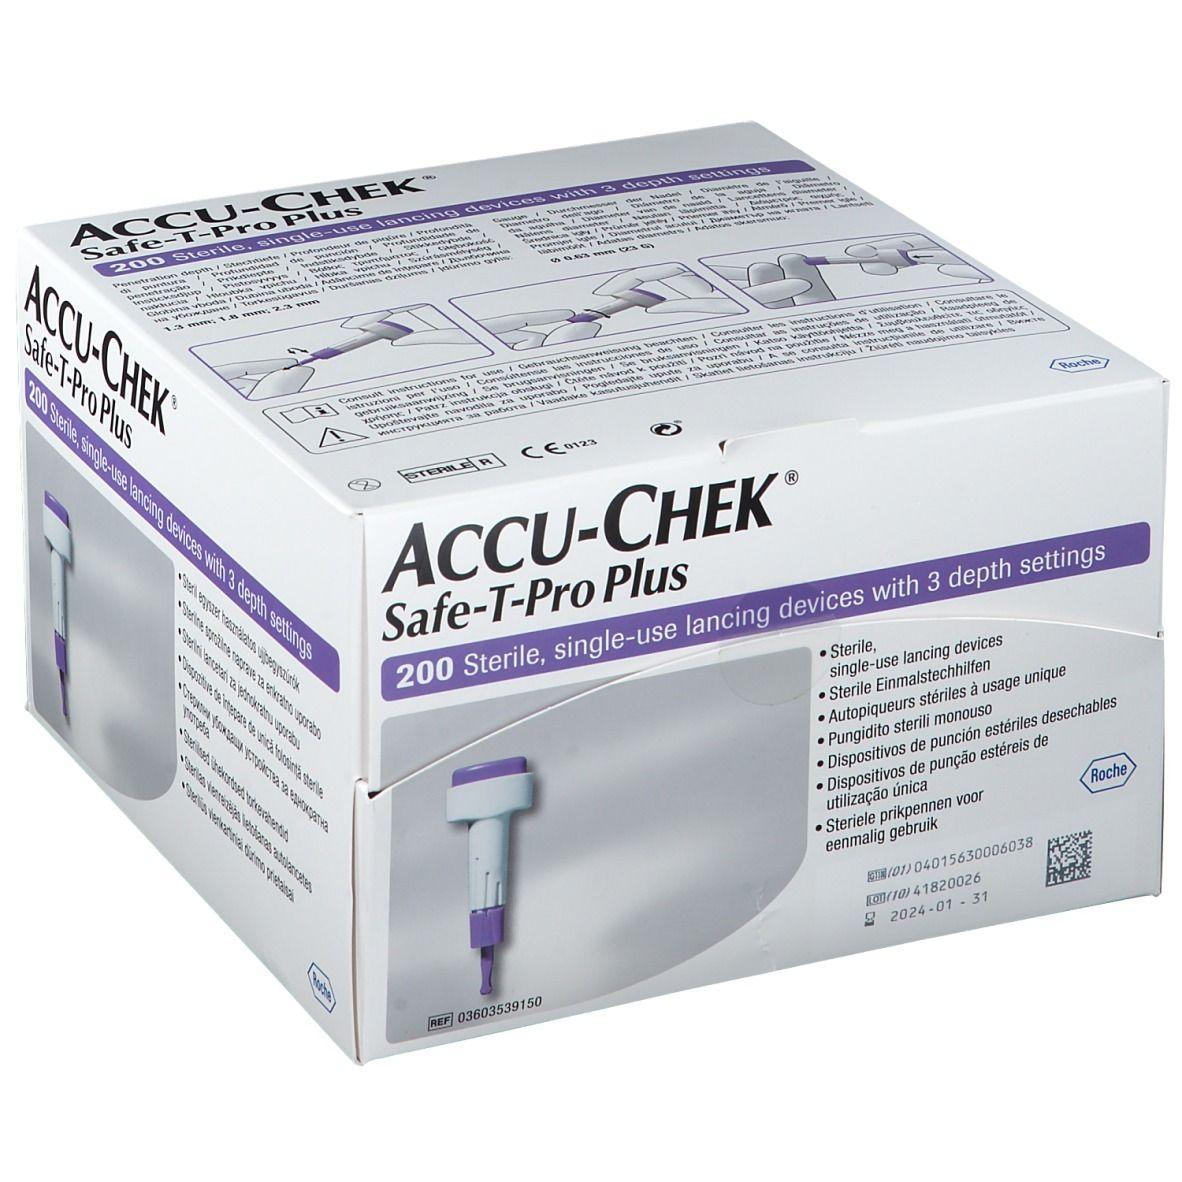 ACCU-CHEK® Safe T Pro Plus Usage unique